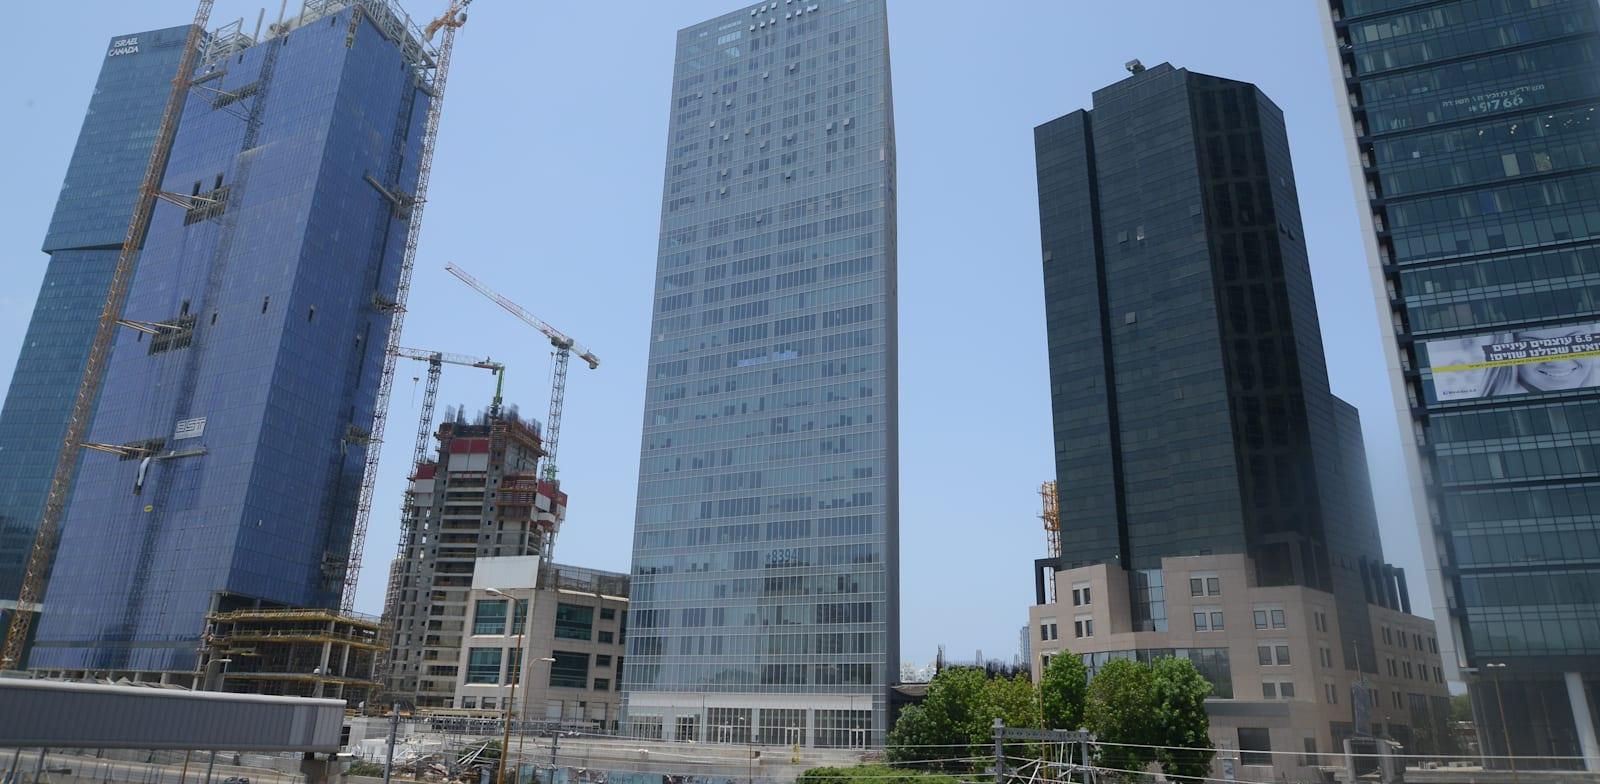 """מגדלי משרדים בת""""א / צילום: איל יצהר"""